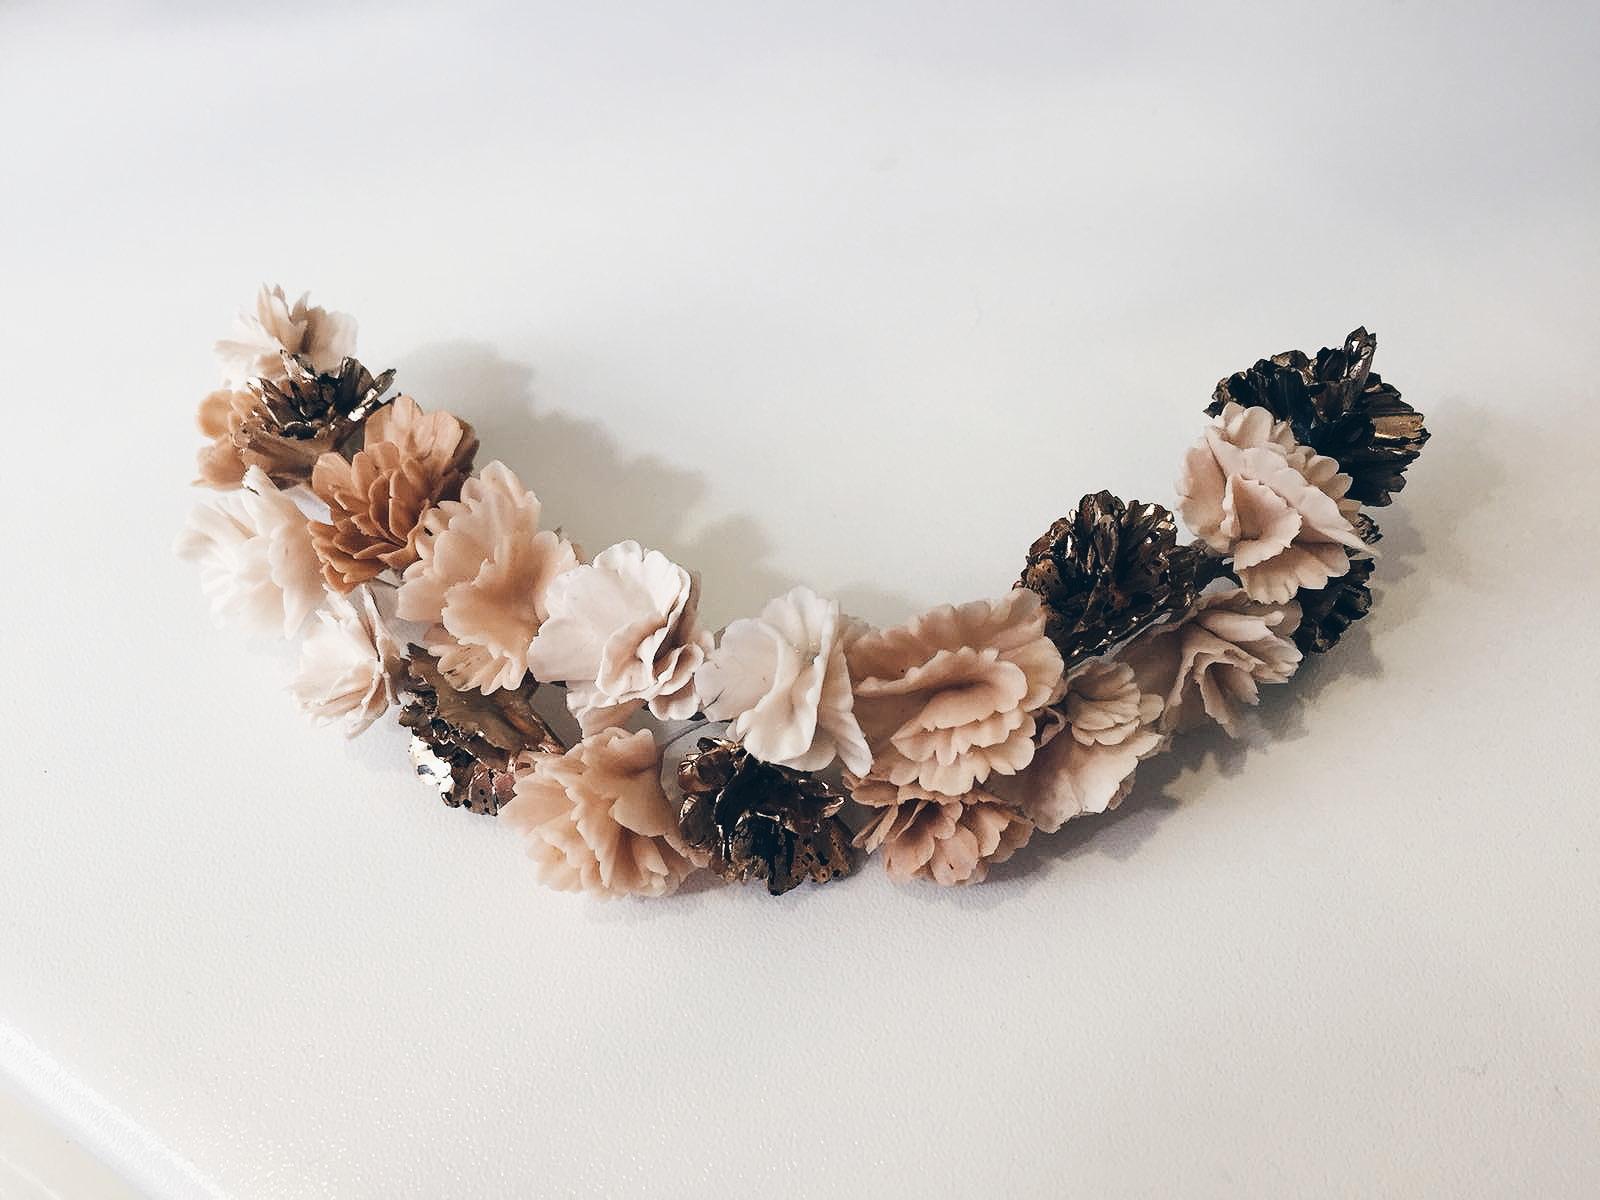 Semicorona porcellana flors (elaborada a mà)